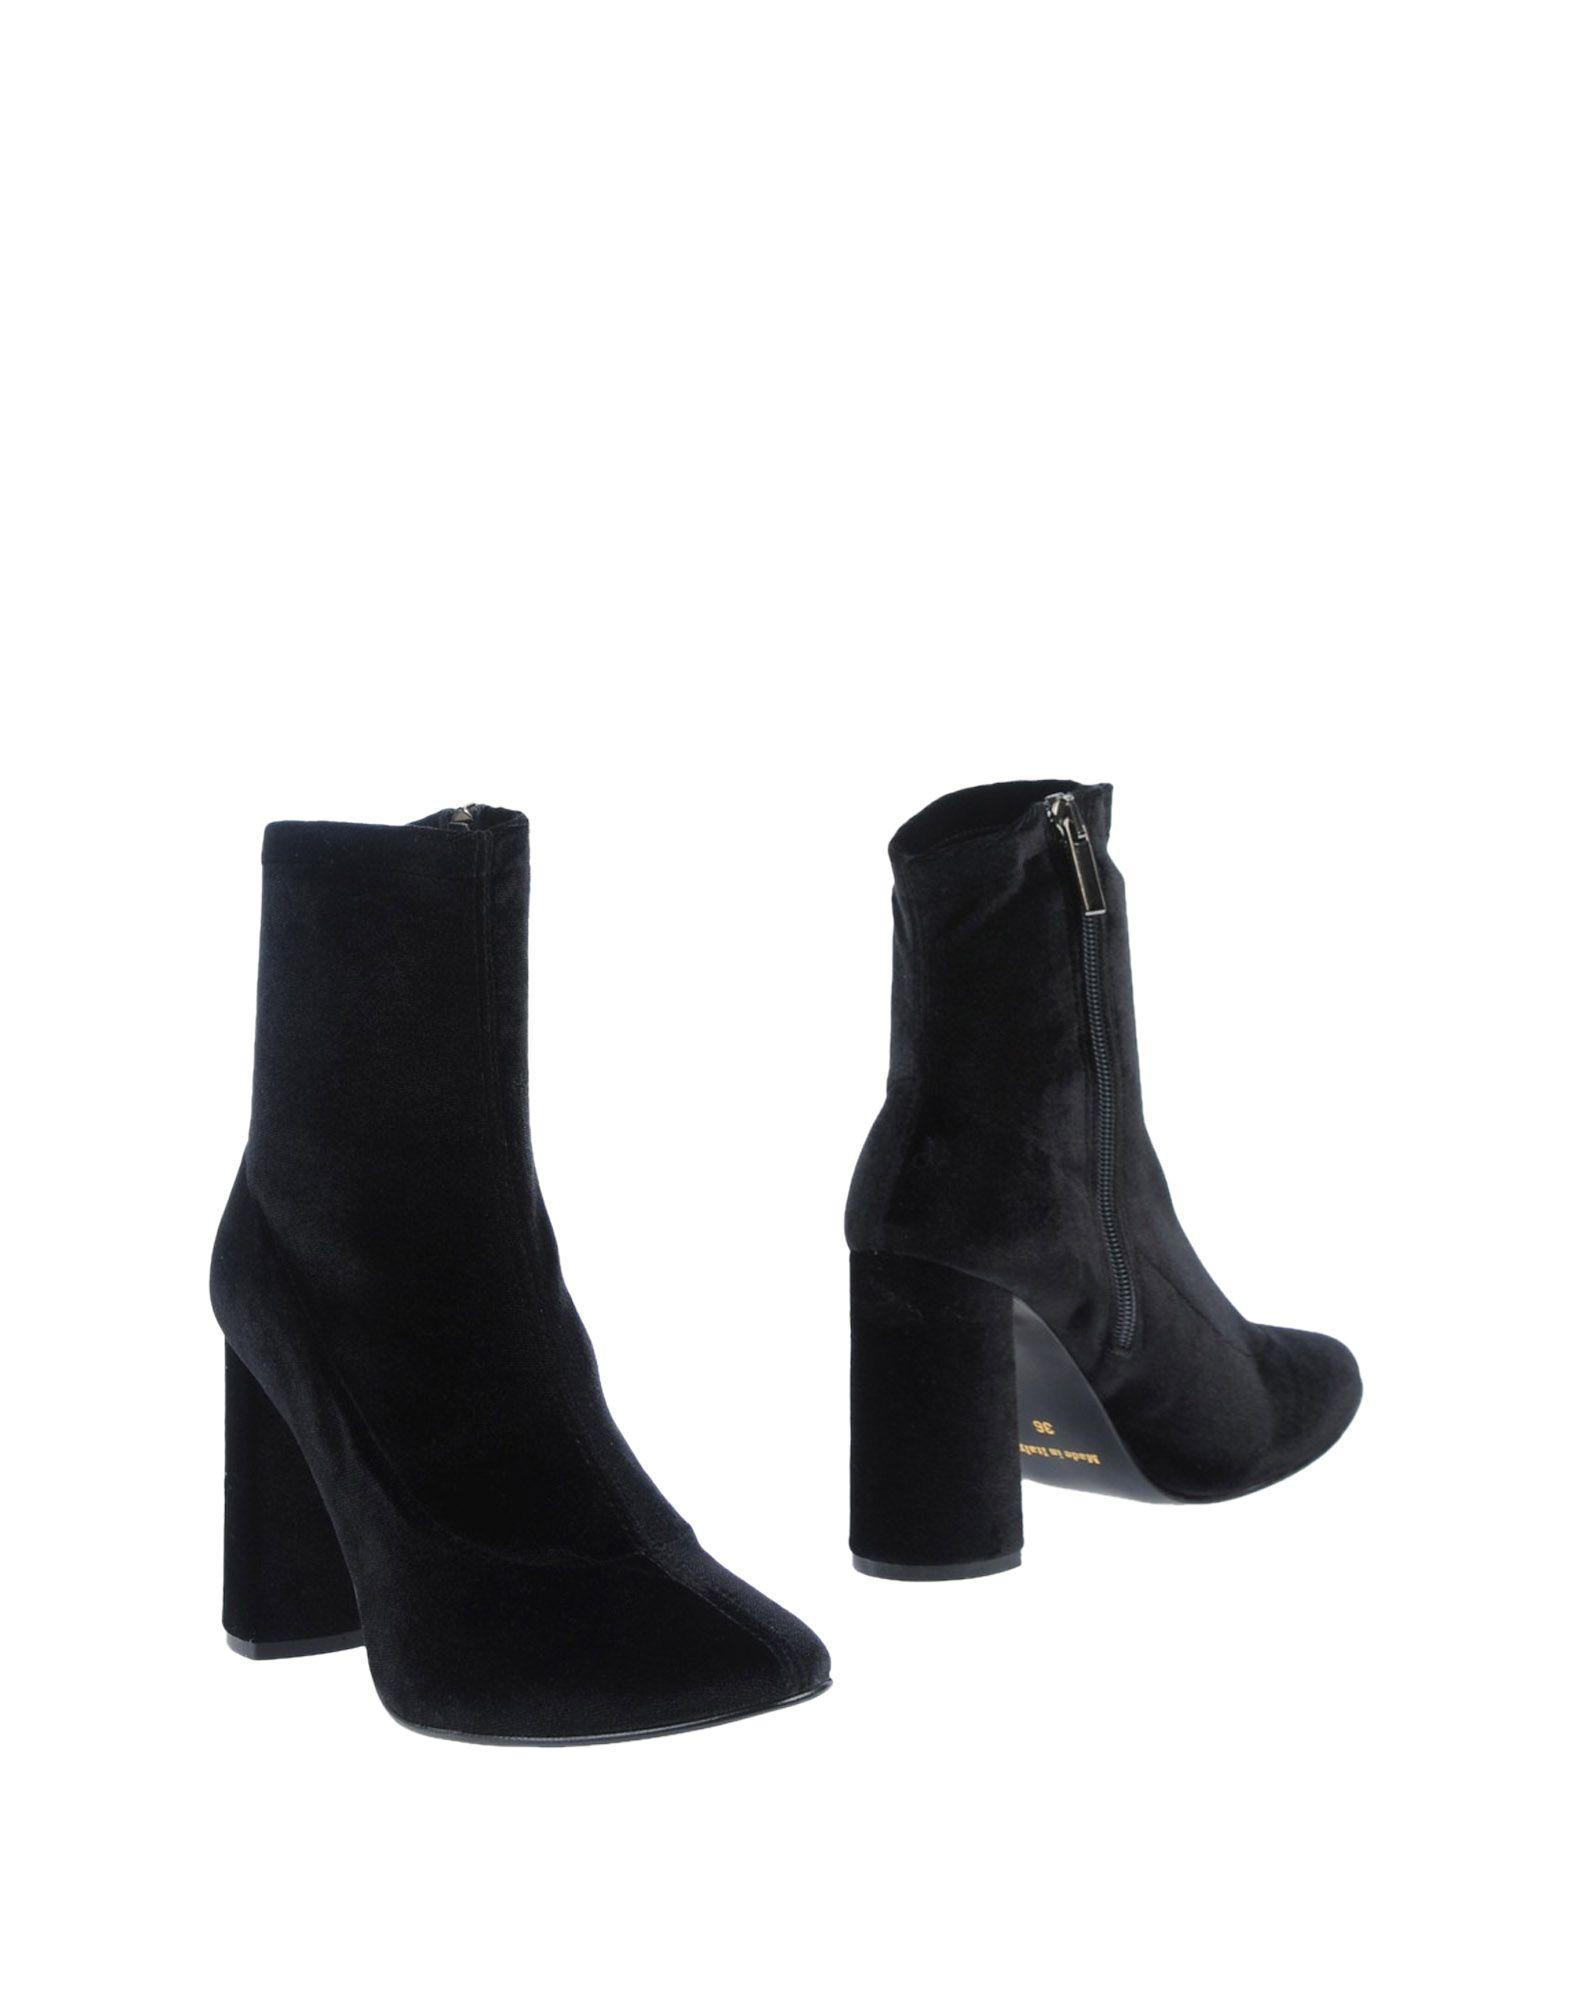 《送料無料》OSVALDO ROSSI レディース ショートブーツ ブラック 40 紡績繊維